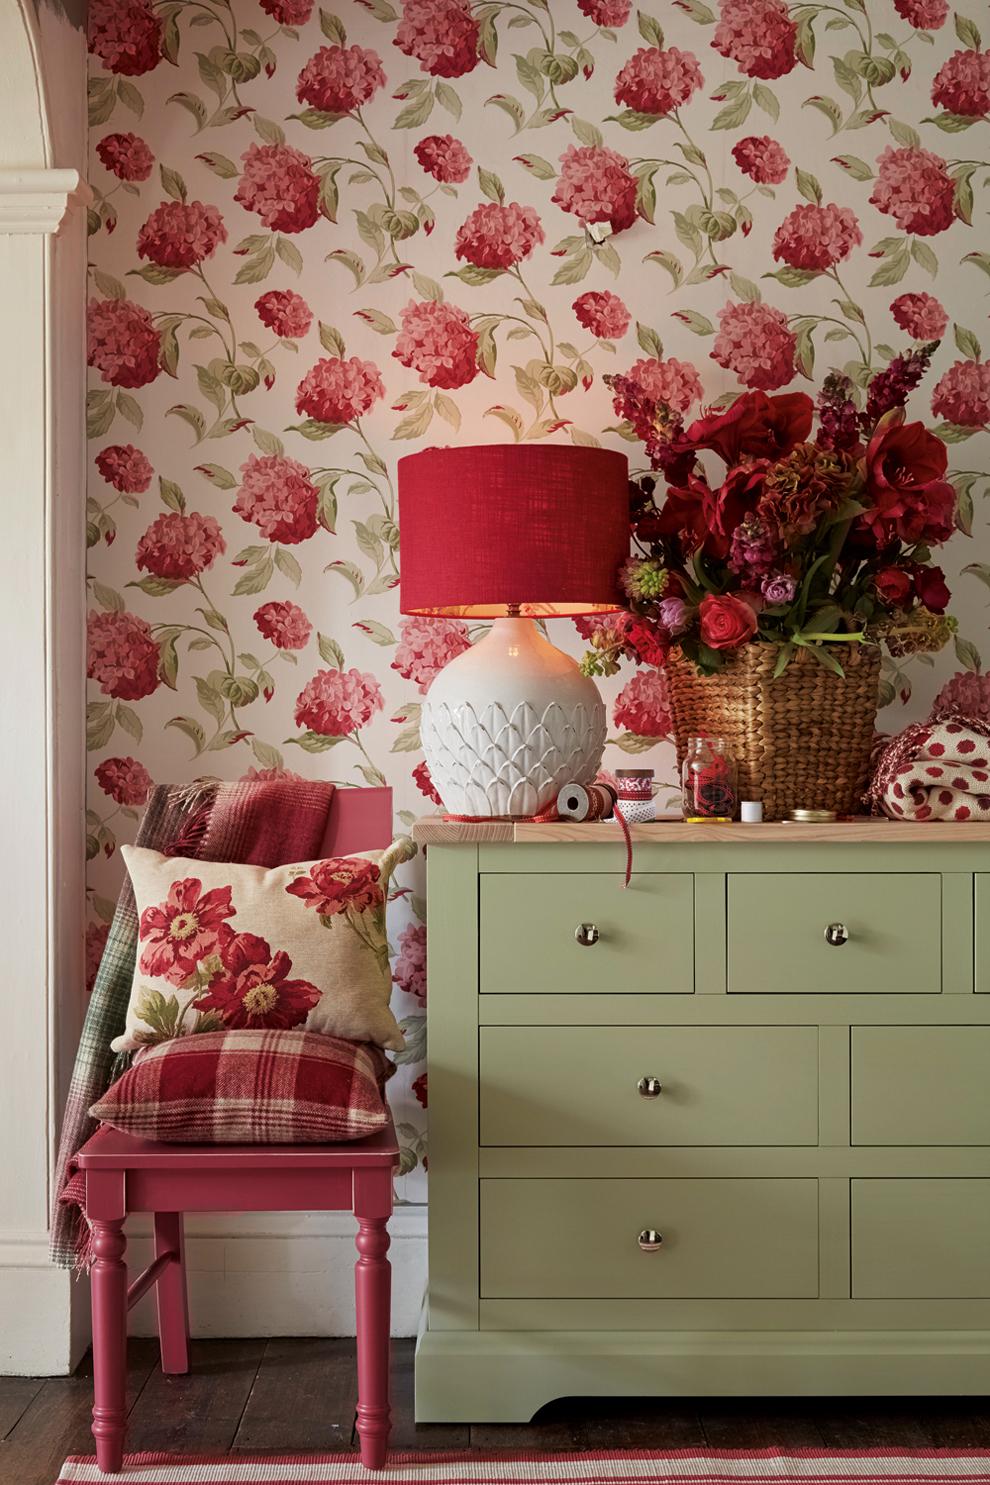 Laura Ashley Room Design Ideas: LAURA ASHLEY AMBLESIDE